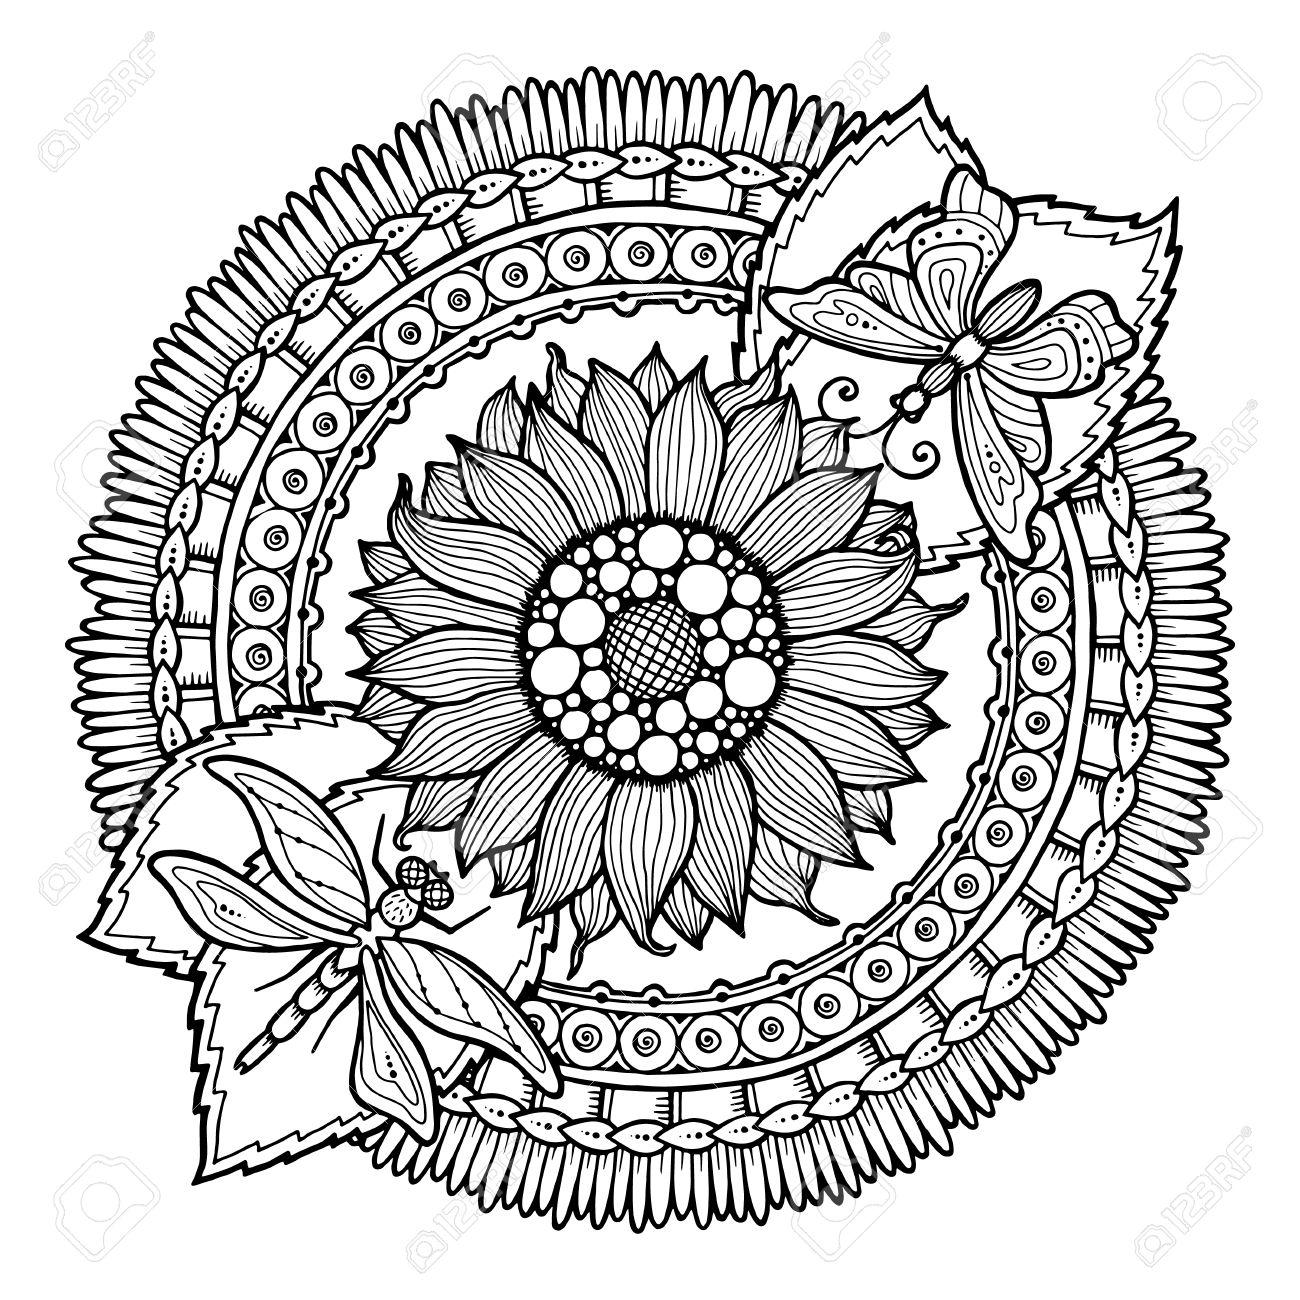 Ornamento De La Flor Del Doodle Del Círculo De Verano. Dibujado A ...